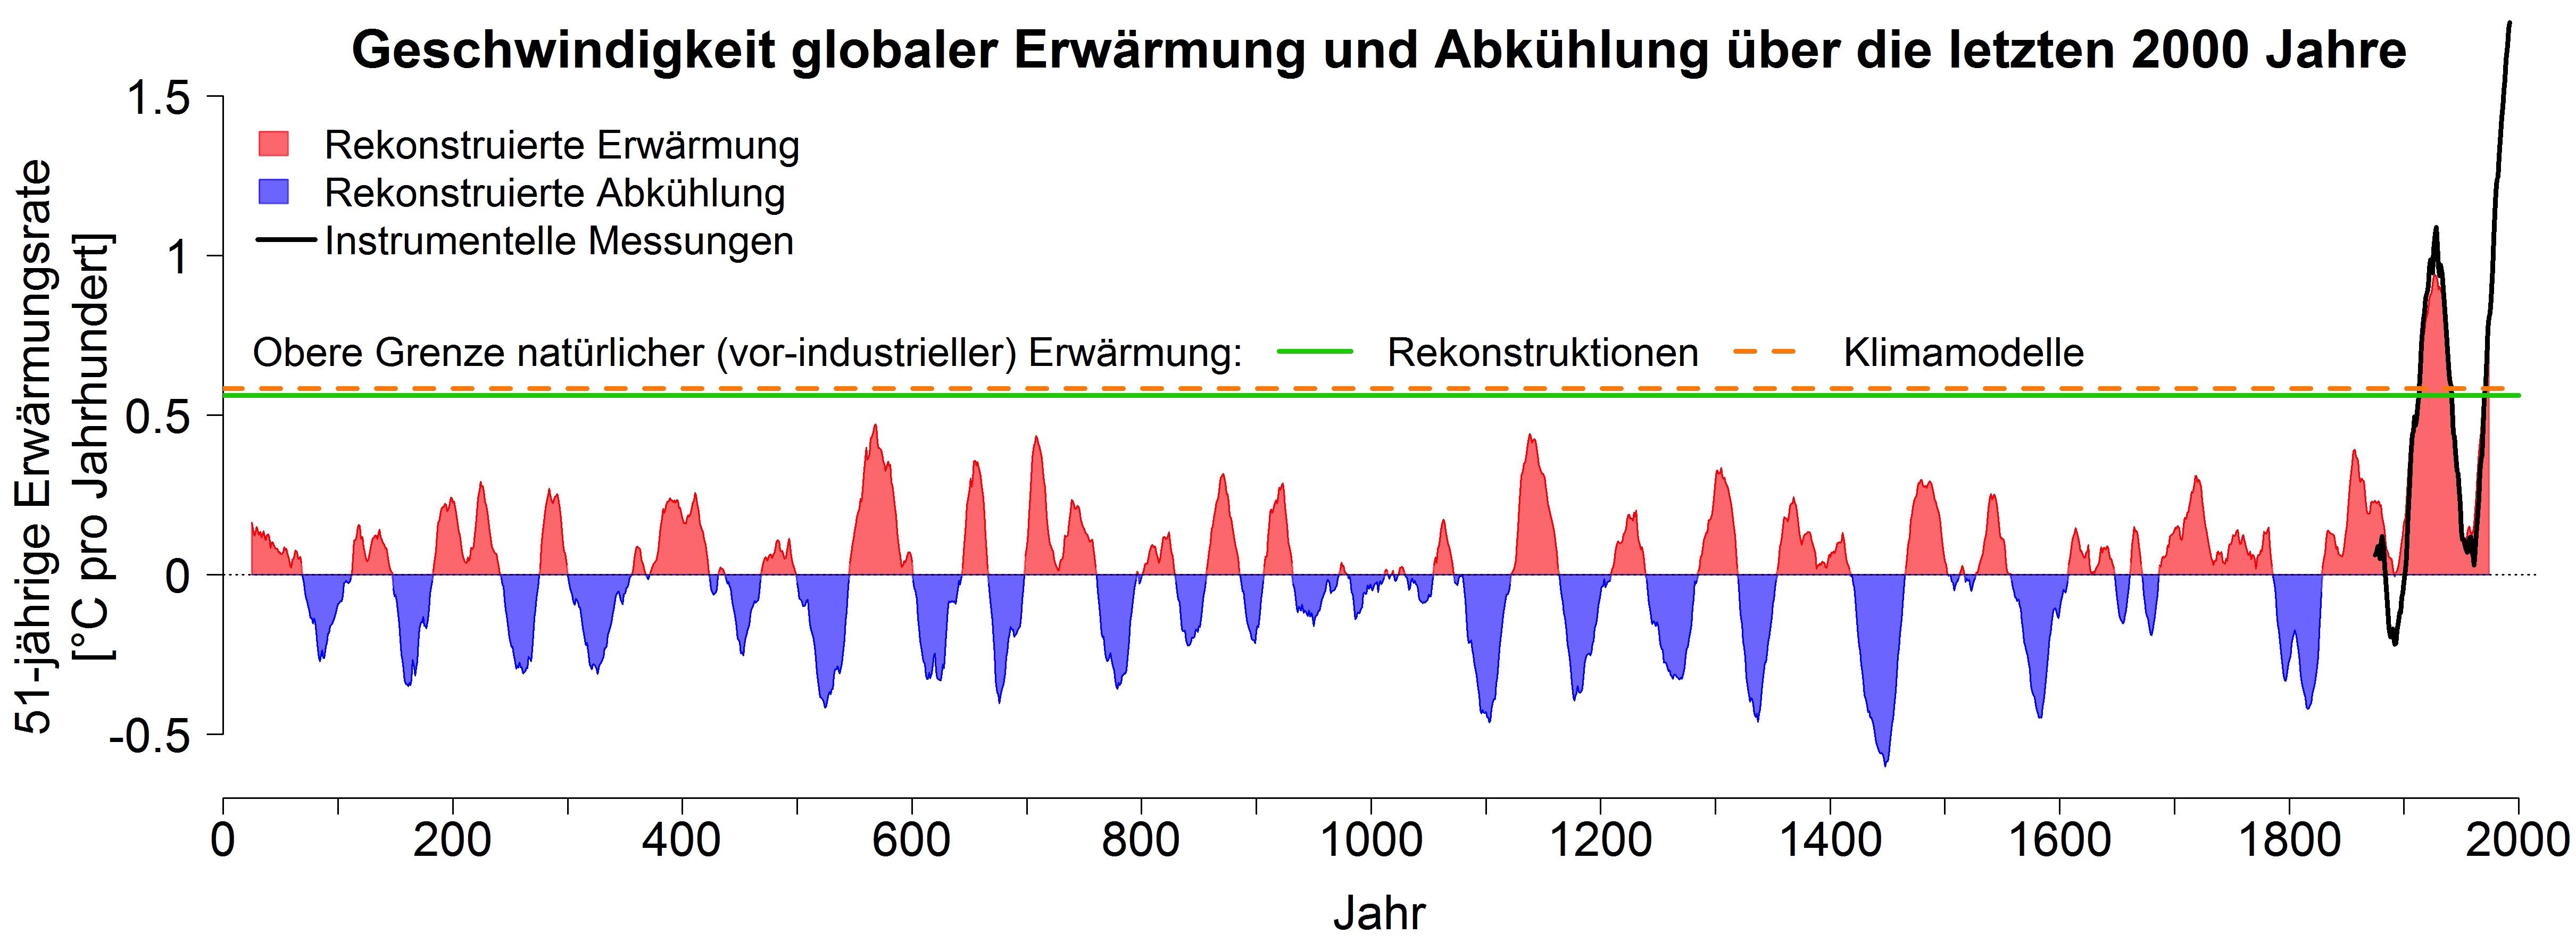 Geschwindigkeit der Erwärmung oder Abkühlung der globalen Mitteltemperatur über die letzten 2000 Jahre. Rot dargestellt sind Zeiträume (jeweils über 51 Jahre), in denen die rekonstruierten Temperaturen zugenommen haben. In blau dargestellten Perioden nahmen die globalen Temperaturen ab. Die grüne Linie zeigt, dass die ohne menschlichen Einfluss maximal zu erwartenden Erwärmungsraten bei knapp 0,6 Grad pro Jahrhundert liegen. Klimamodelle (orange gestrichelte Linie) können diese natürliche Obergrenze sehr gut simulieren. Die momentane Erwärmungsgeschwindigkeit liegt mit mehr als 1,7 Grad pro Jahrhundert deutlich über diesen natürlich zu erwartenden Erwärmungsraten und über den Werten aller vorherigen Jahrhunderte. Instrumentelle Messungen seit 1850 (in schwarz) bestätigen diese Zahlen. © Universität Bern